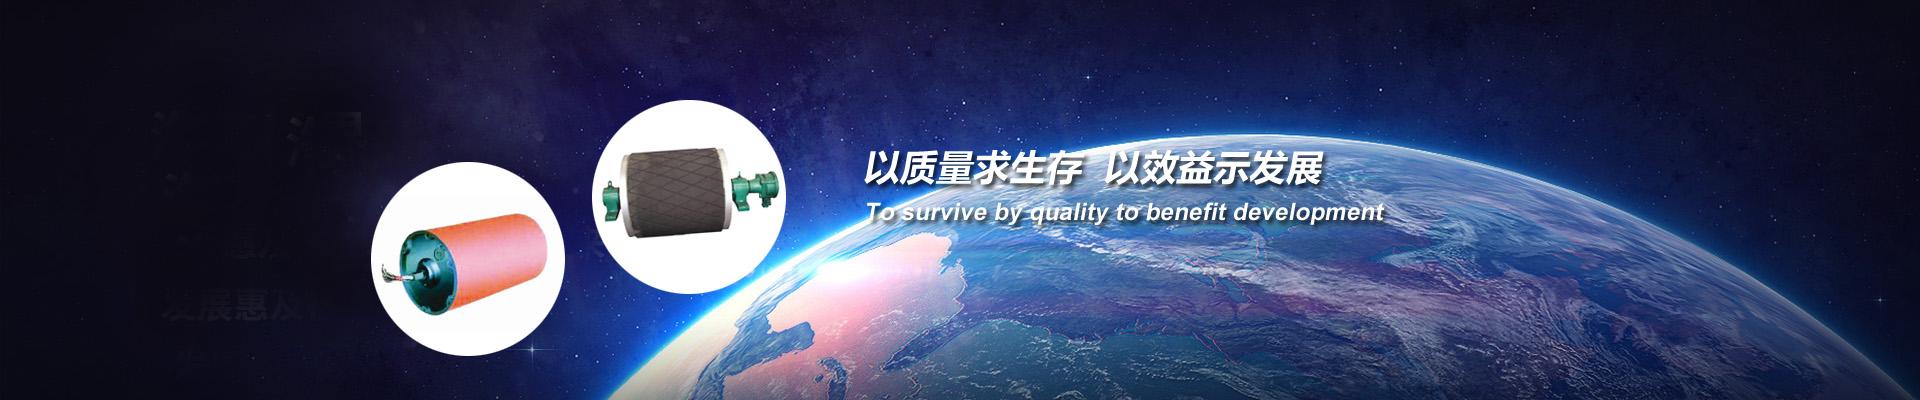 changzhou chuandong